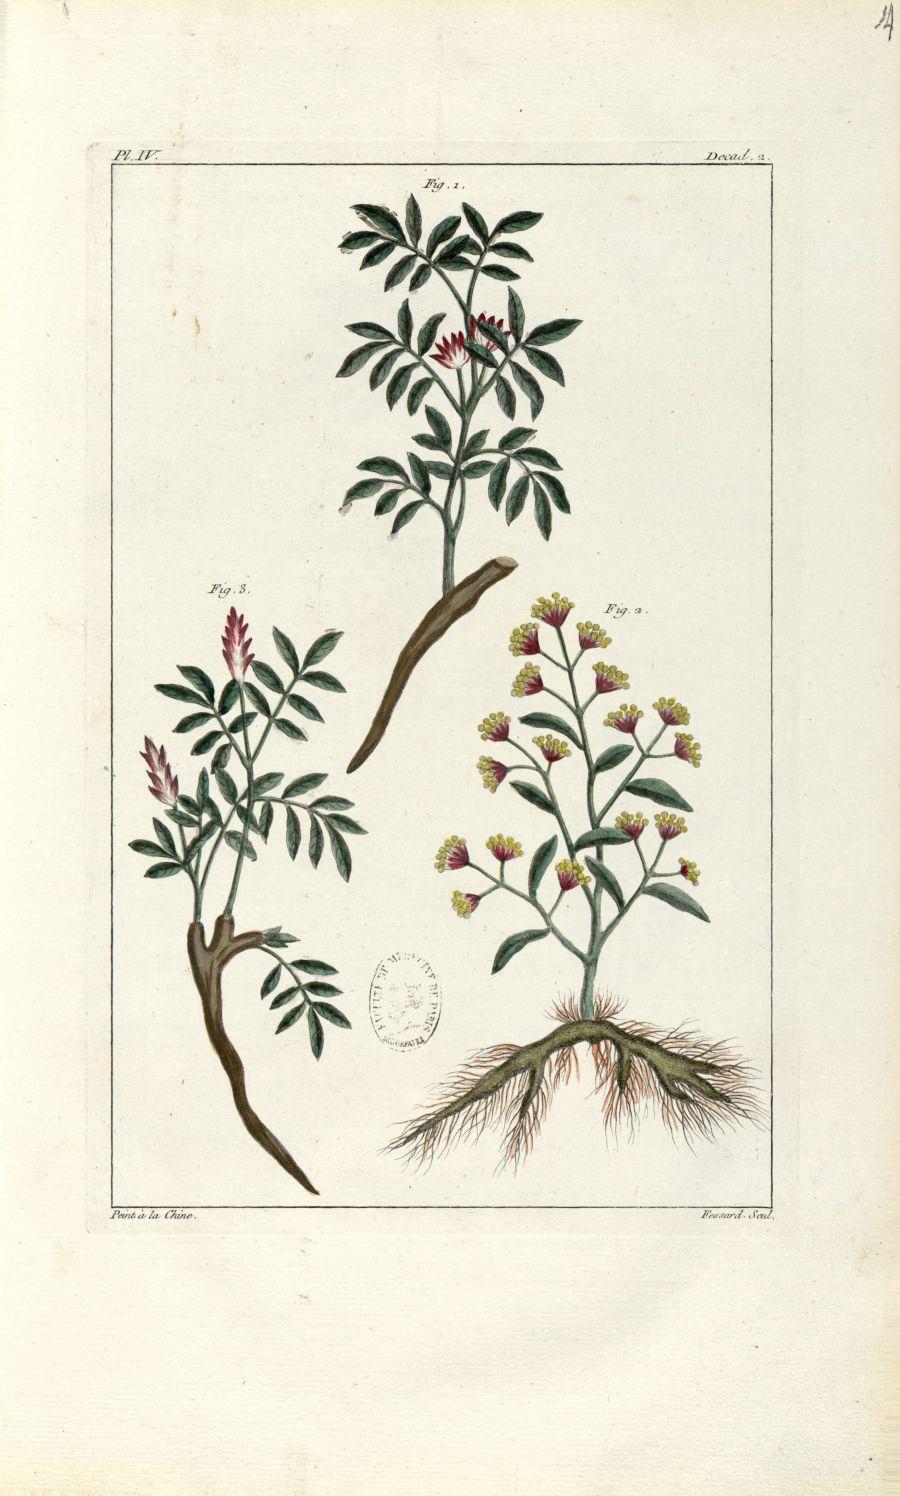 Planche IV. Decad. 2 - Herbier ou collection des plantes médicinales de la Chine d'après un manuscri [...] - Botanique. Plantes (médecine). Chine. 18e siècle - med01989x0017